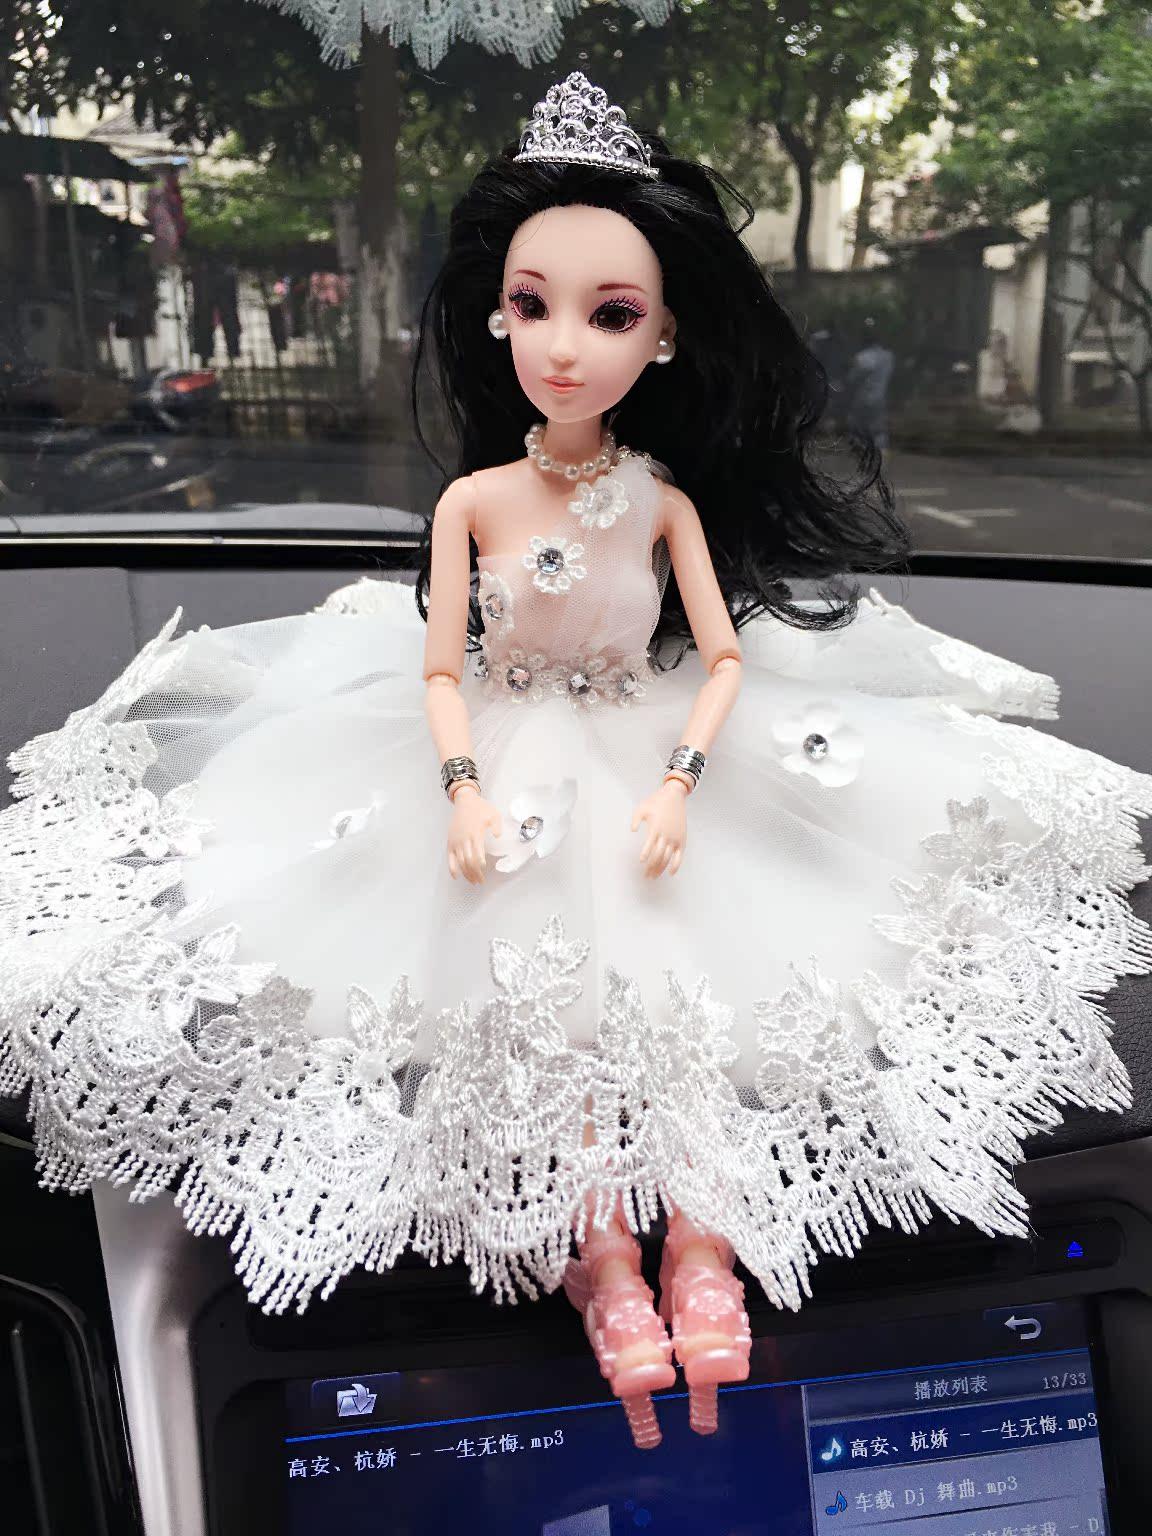 车载芭比娃娃婚纱摆件 孔雀花边车载芭比 汽车娃娃婚纱妹妹车摆